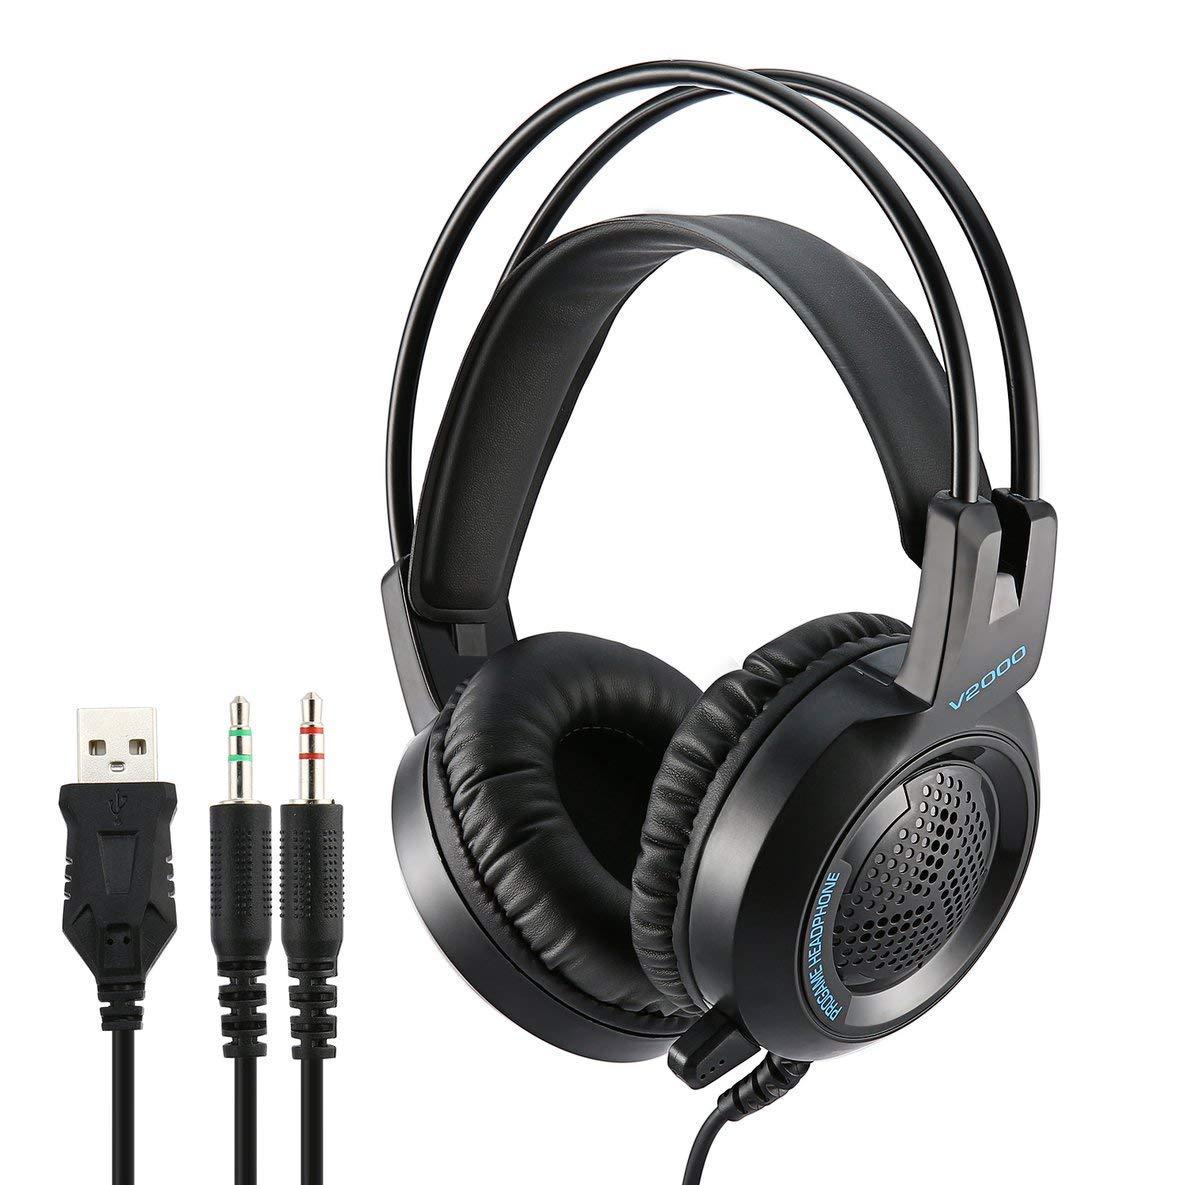 V2000 Auriculares 7.1 Canales 3.5mm Jack Bass Estéreo con Efecto de Sonido para Juegos de Auriculares con micrófono para computadora PC Laptop Gamer